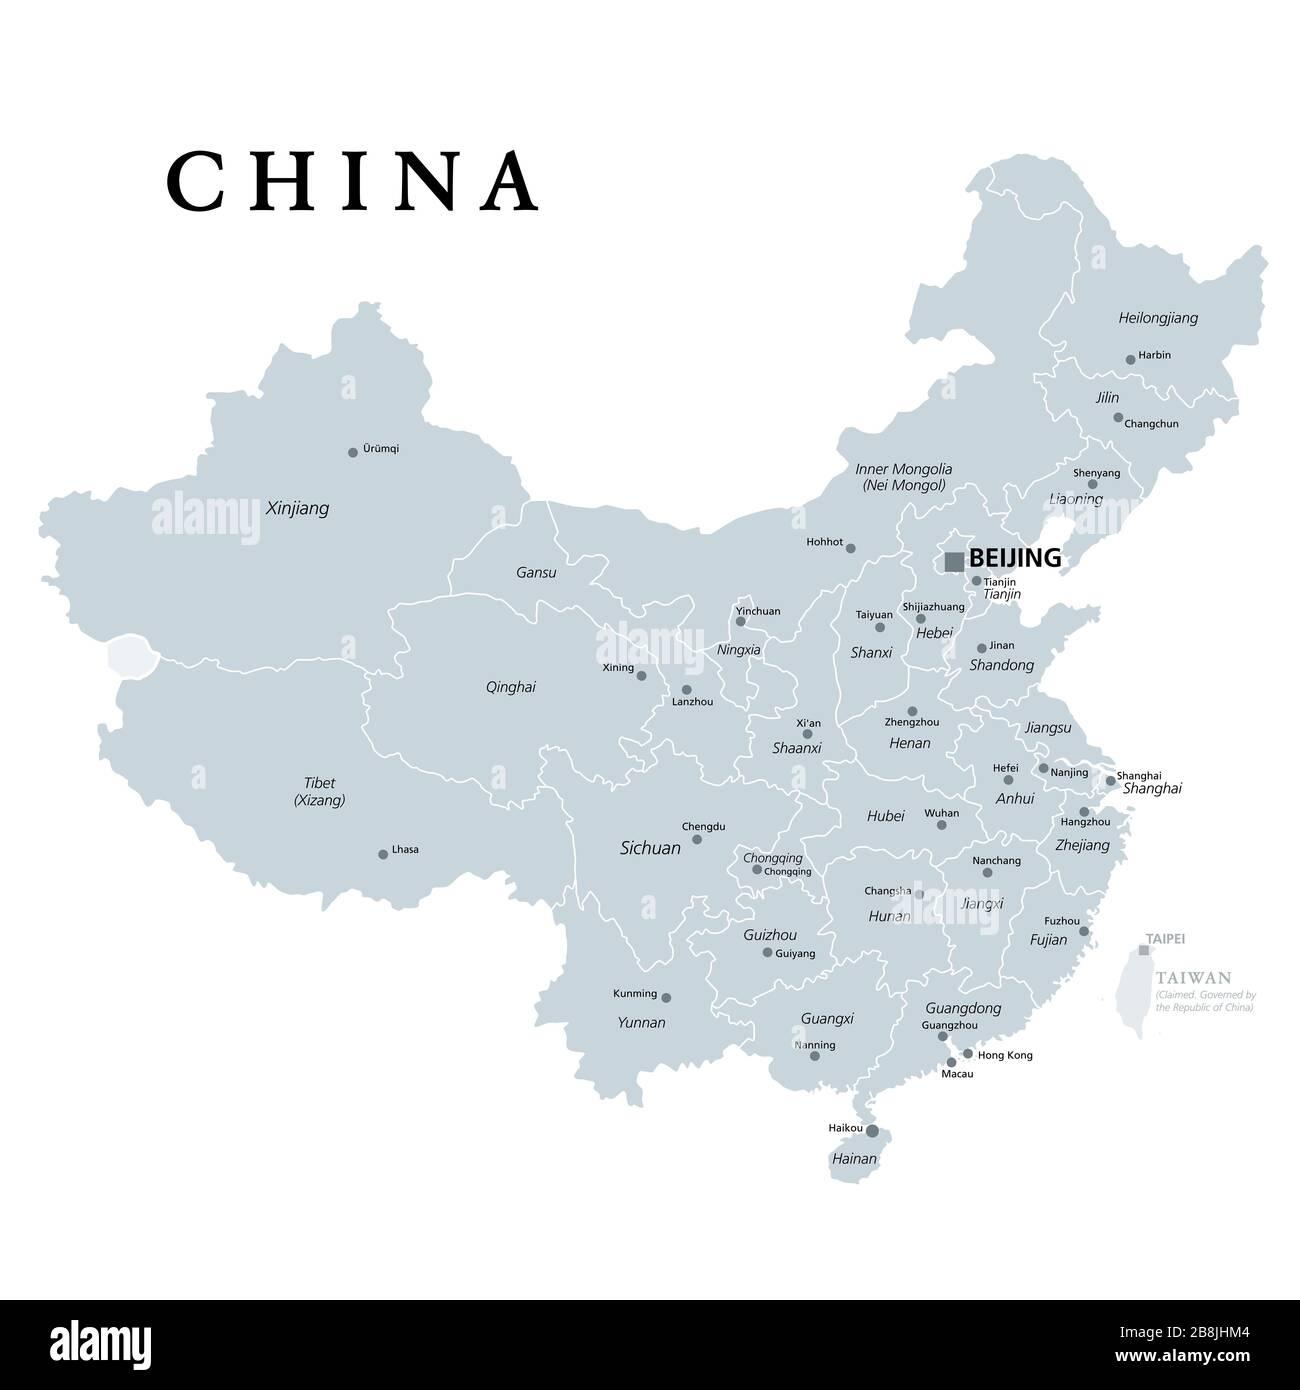 Cartina Cina Con Province.Repubblica Popolare Cinese Prc Mappa Politico Area Controllata Dalla Cina In Giallo E Rivendicato Ma Regioni Incontrollata Mostrato In Arancione Foto Stock Alamy